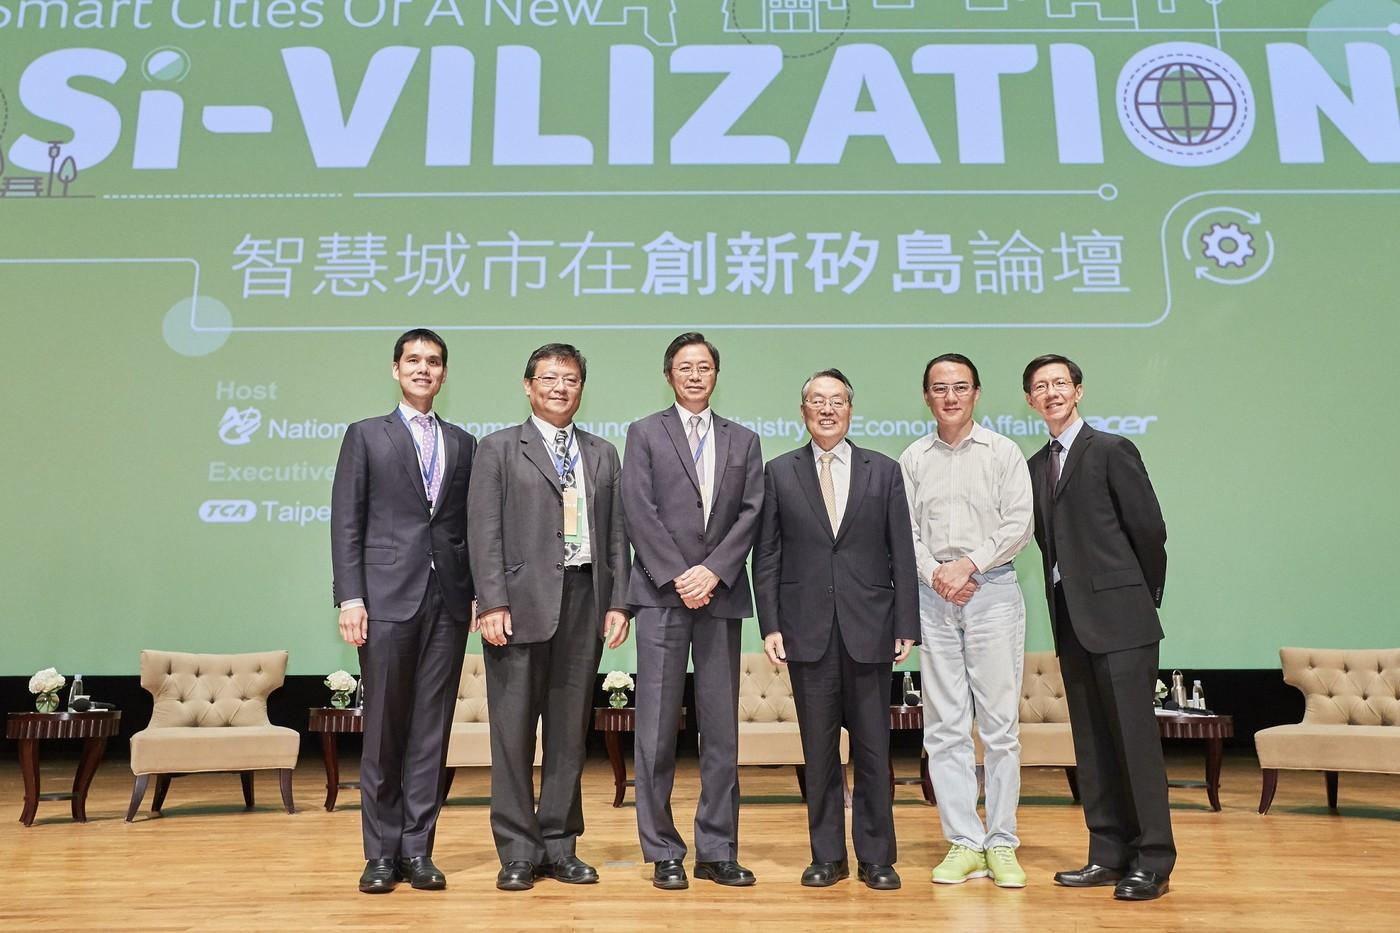 各界領袖與產業專家參與「智慧城市在創新矽島論壇」